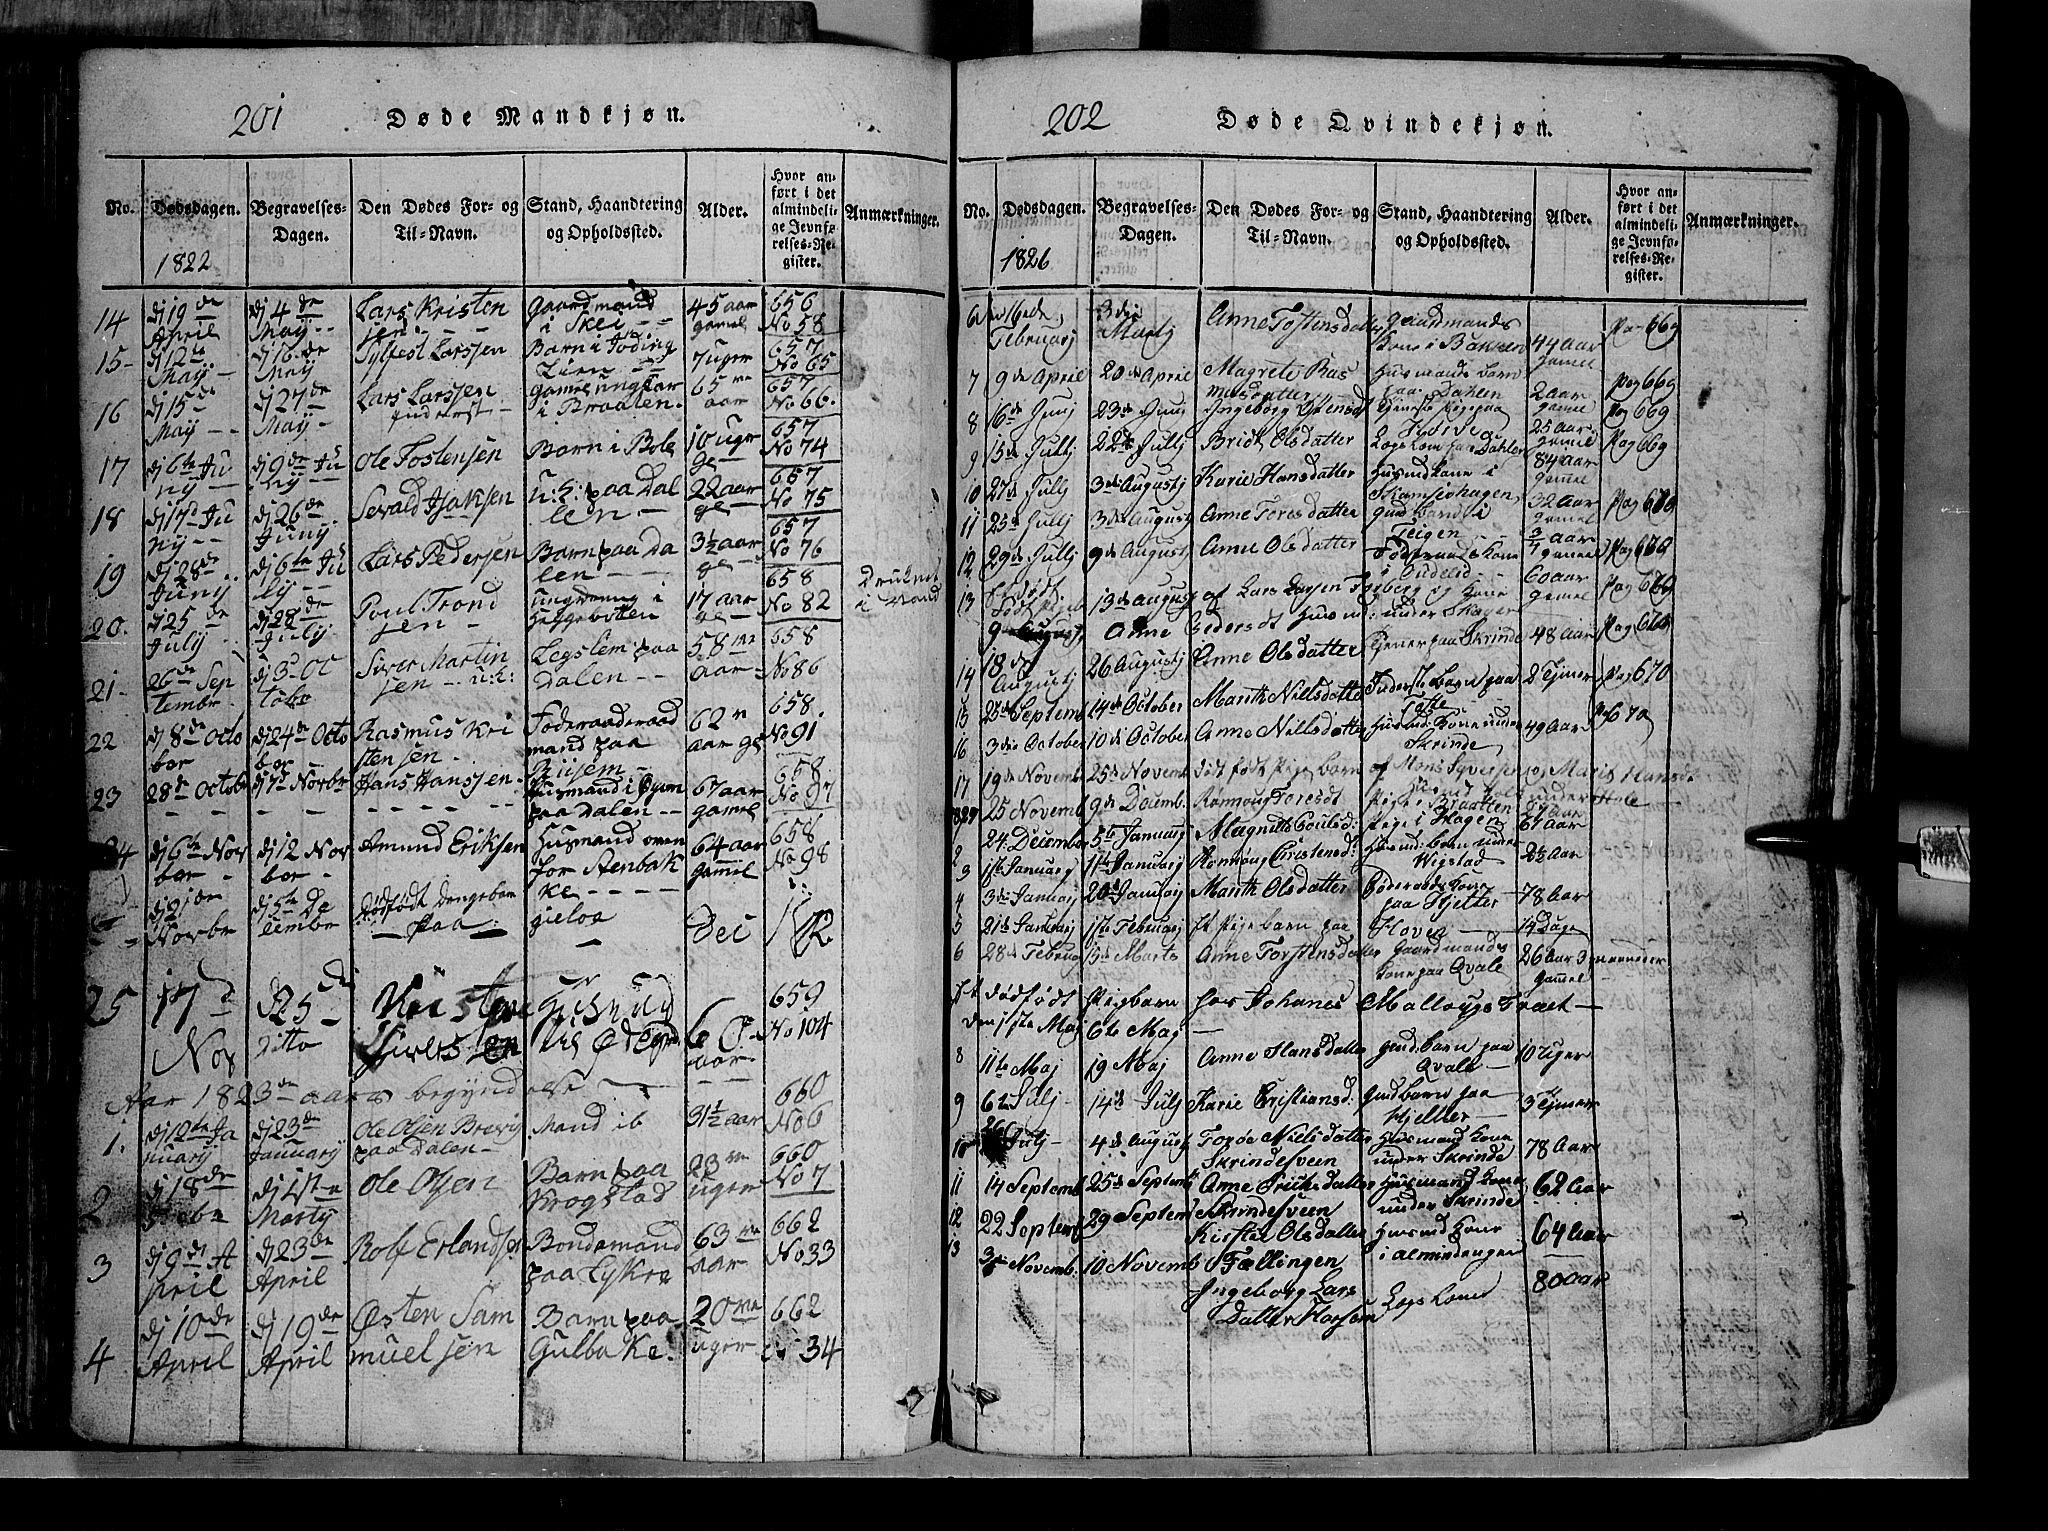 SAH, Lom prestekontor, L/L0003: Klokkerbok nr. 3, 1815-1844, s. 201-202